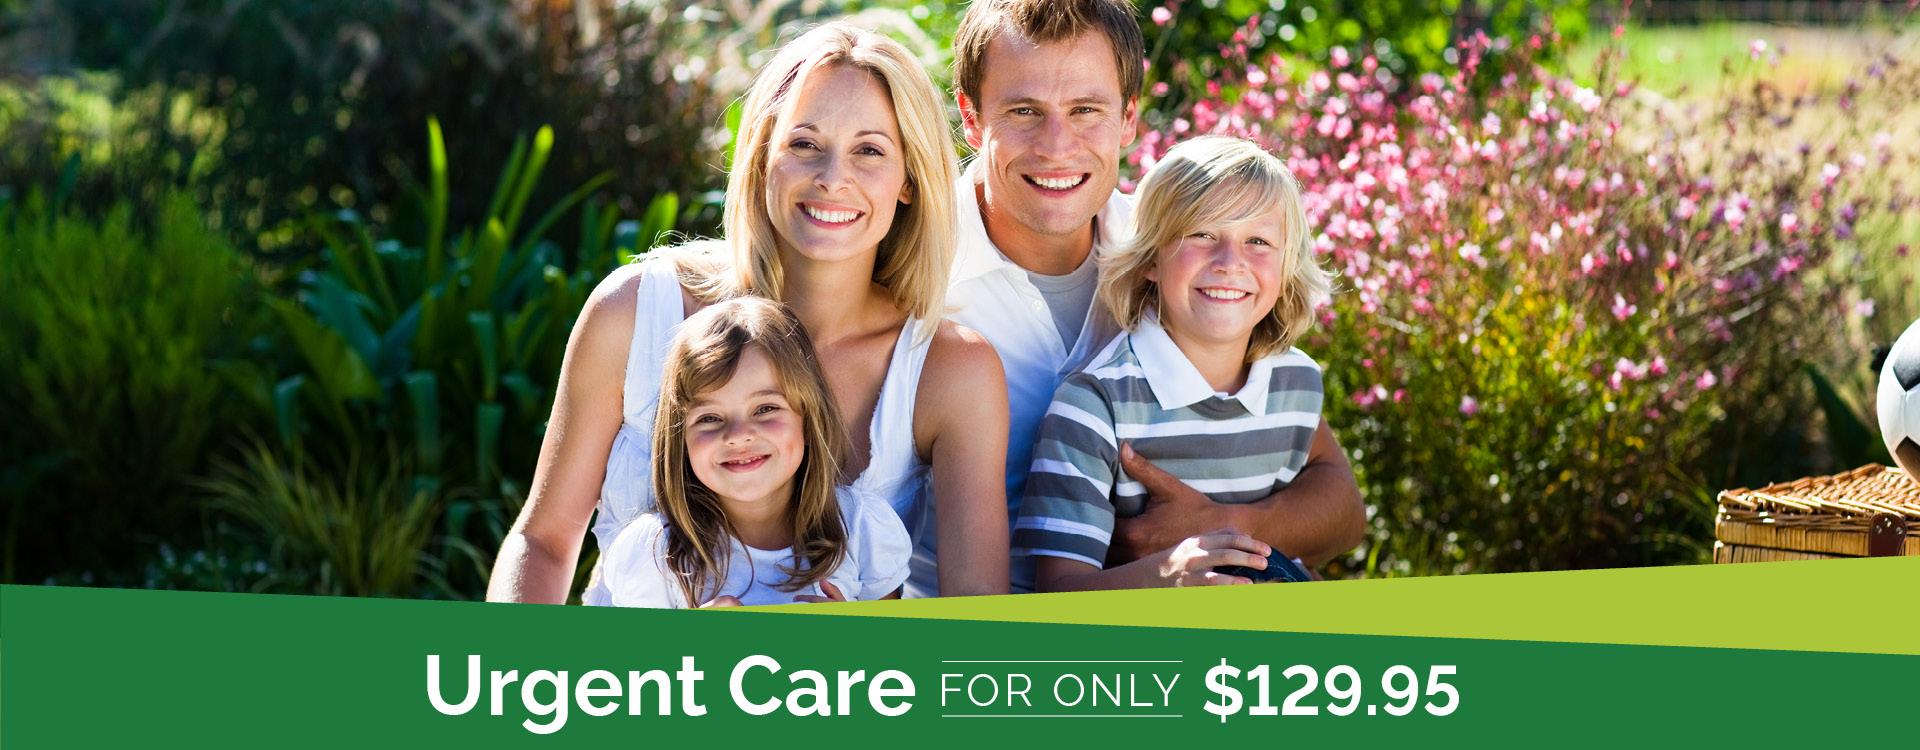 Albuquerque Urgent Care for $129.95